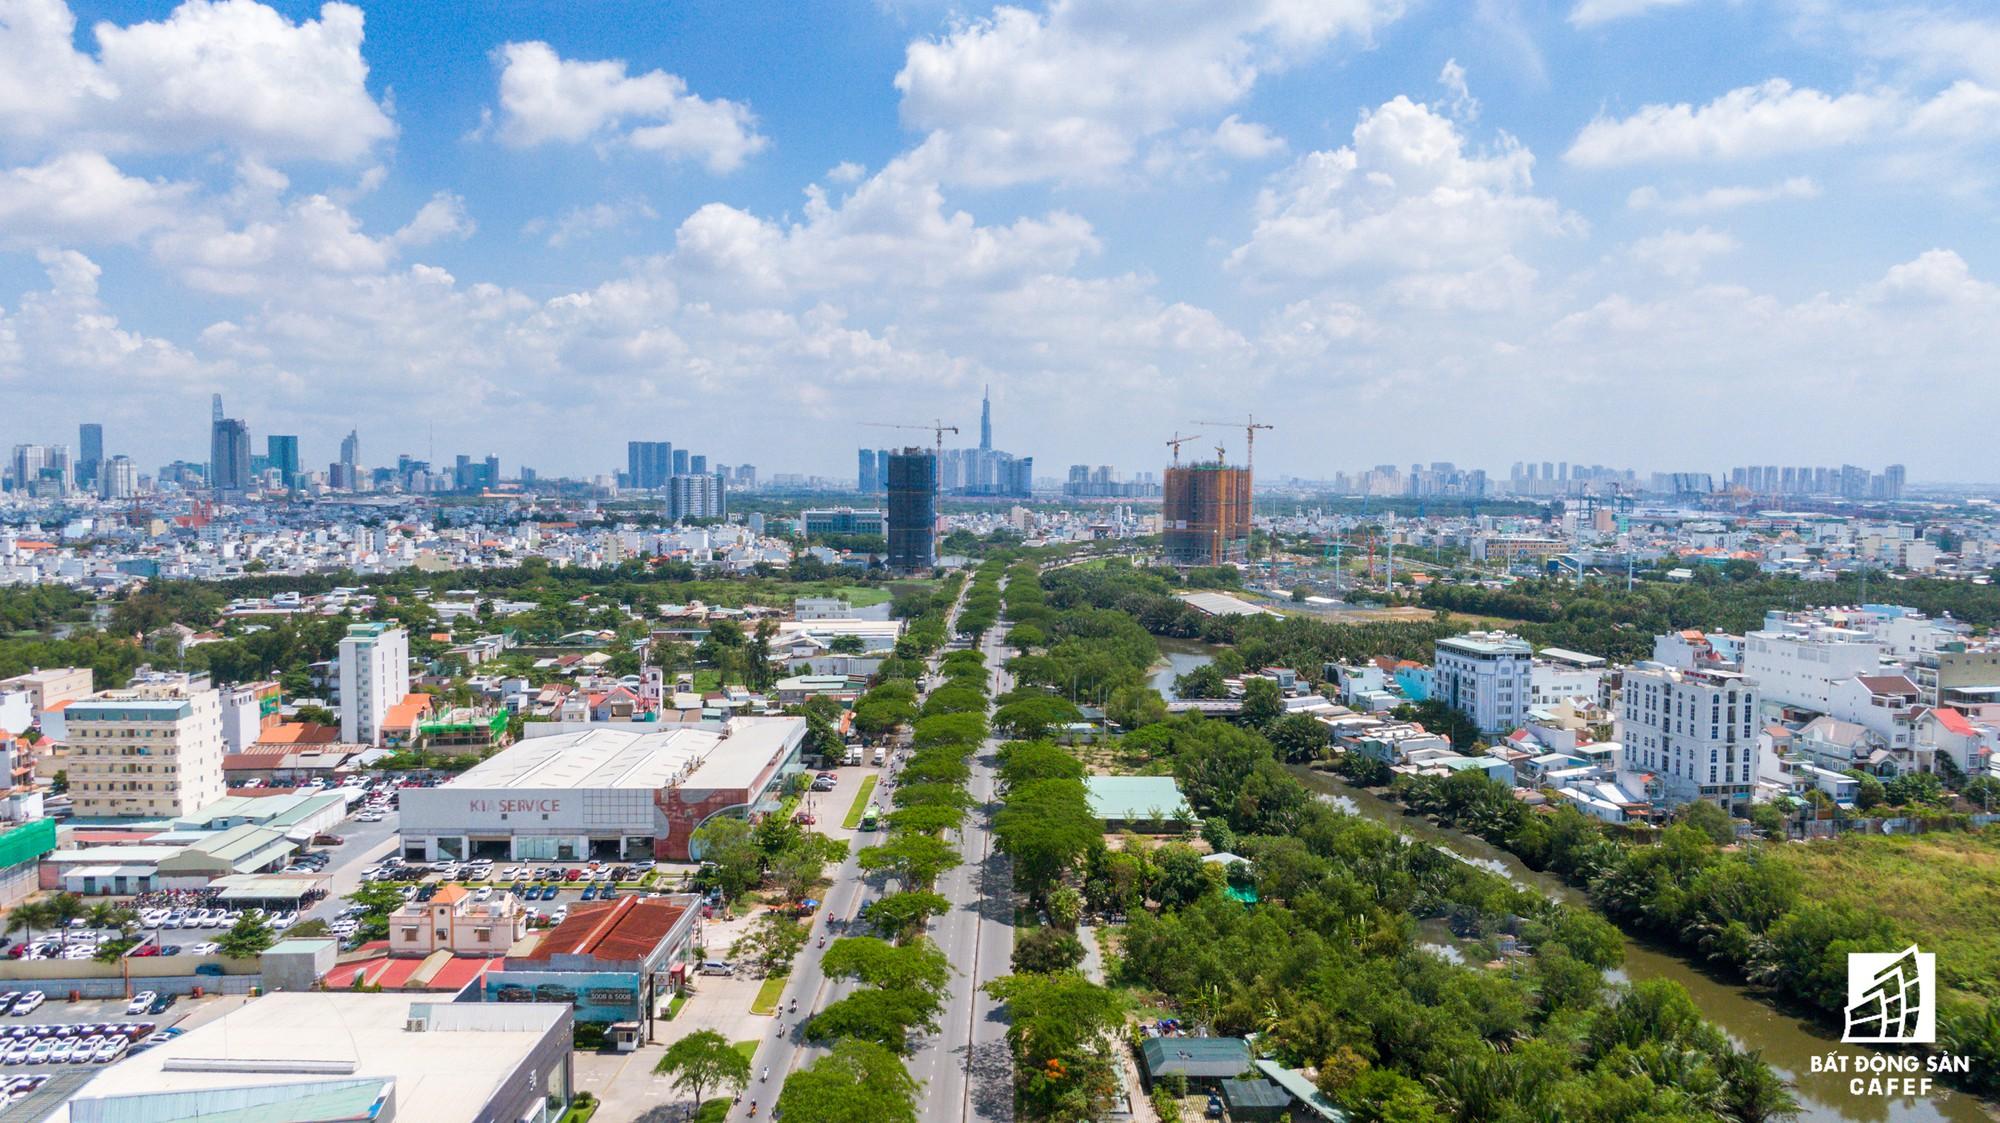 Toàn cảnh đại lộ tỷ đô đã tạo nên một thị trường bất động sản rất riêng cho khu Nam Sài Gòn - Ảnh 5.